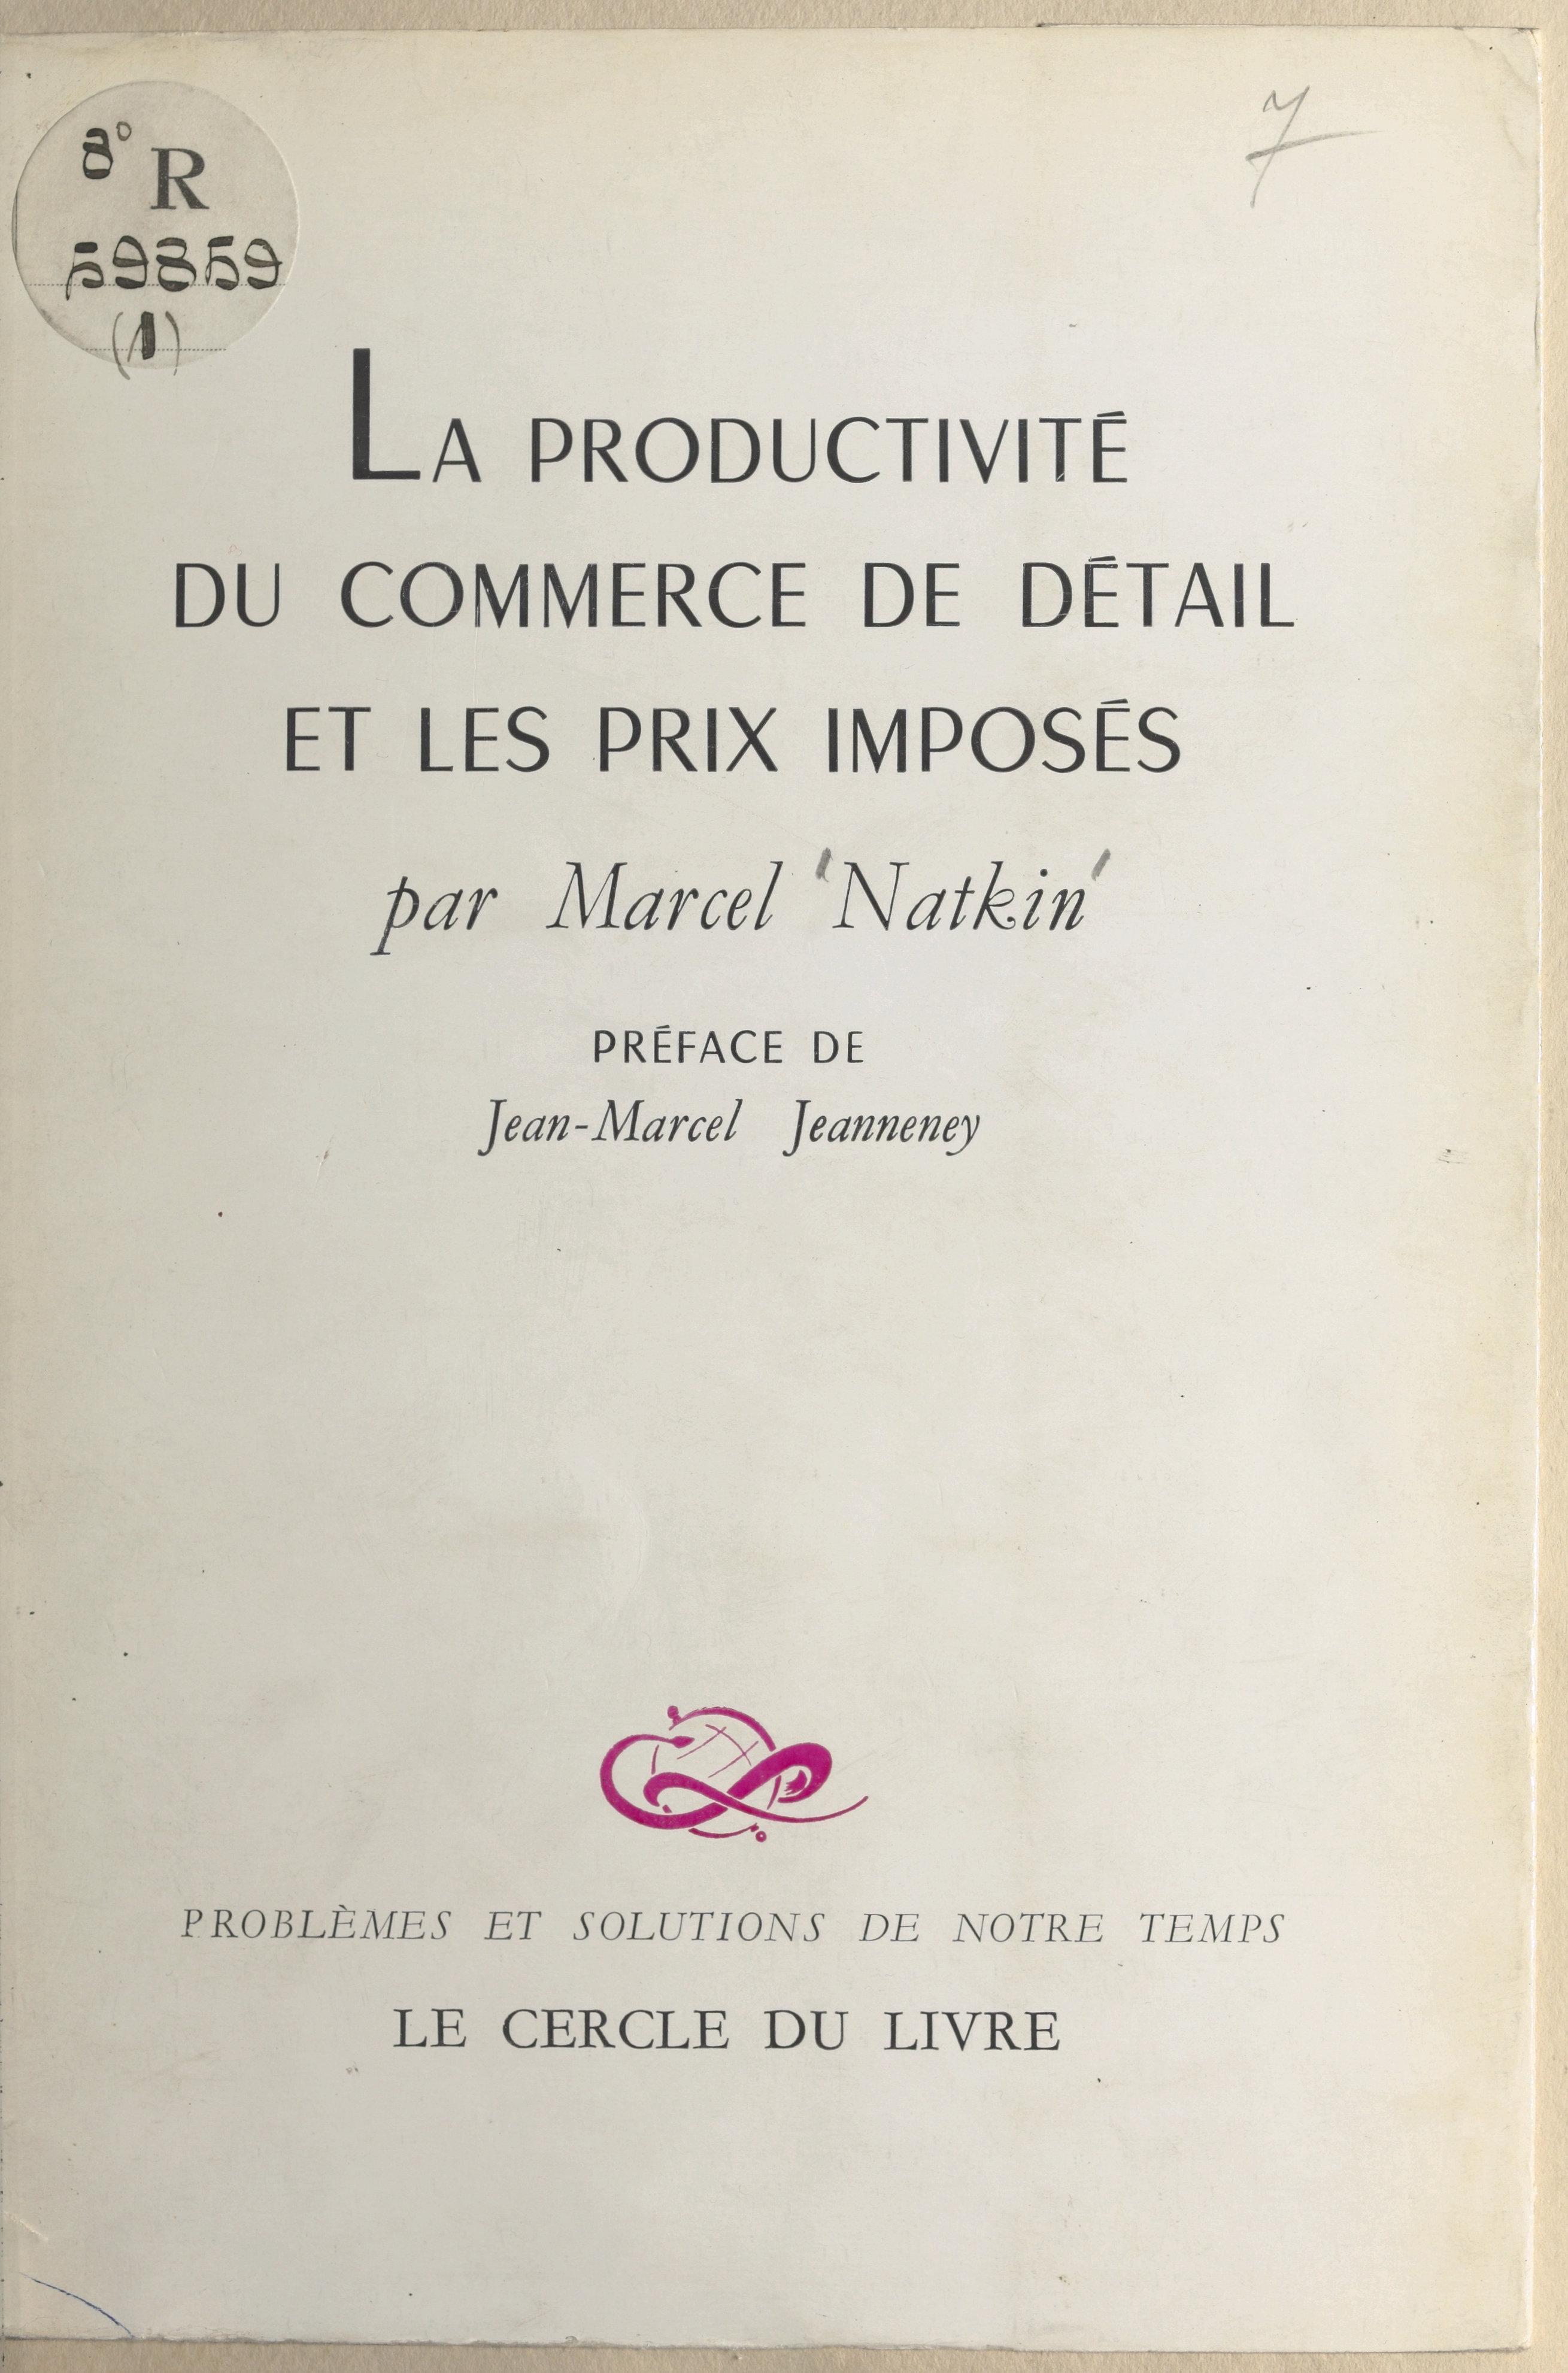 La productivité du commerce...